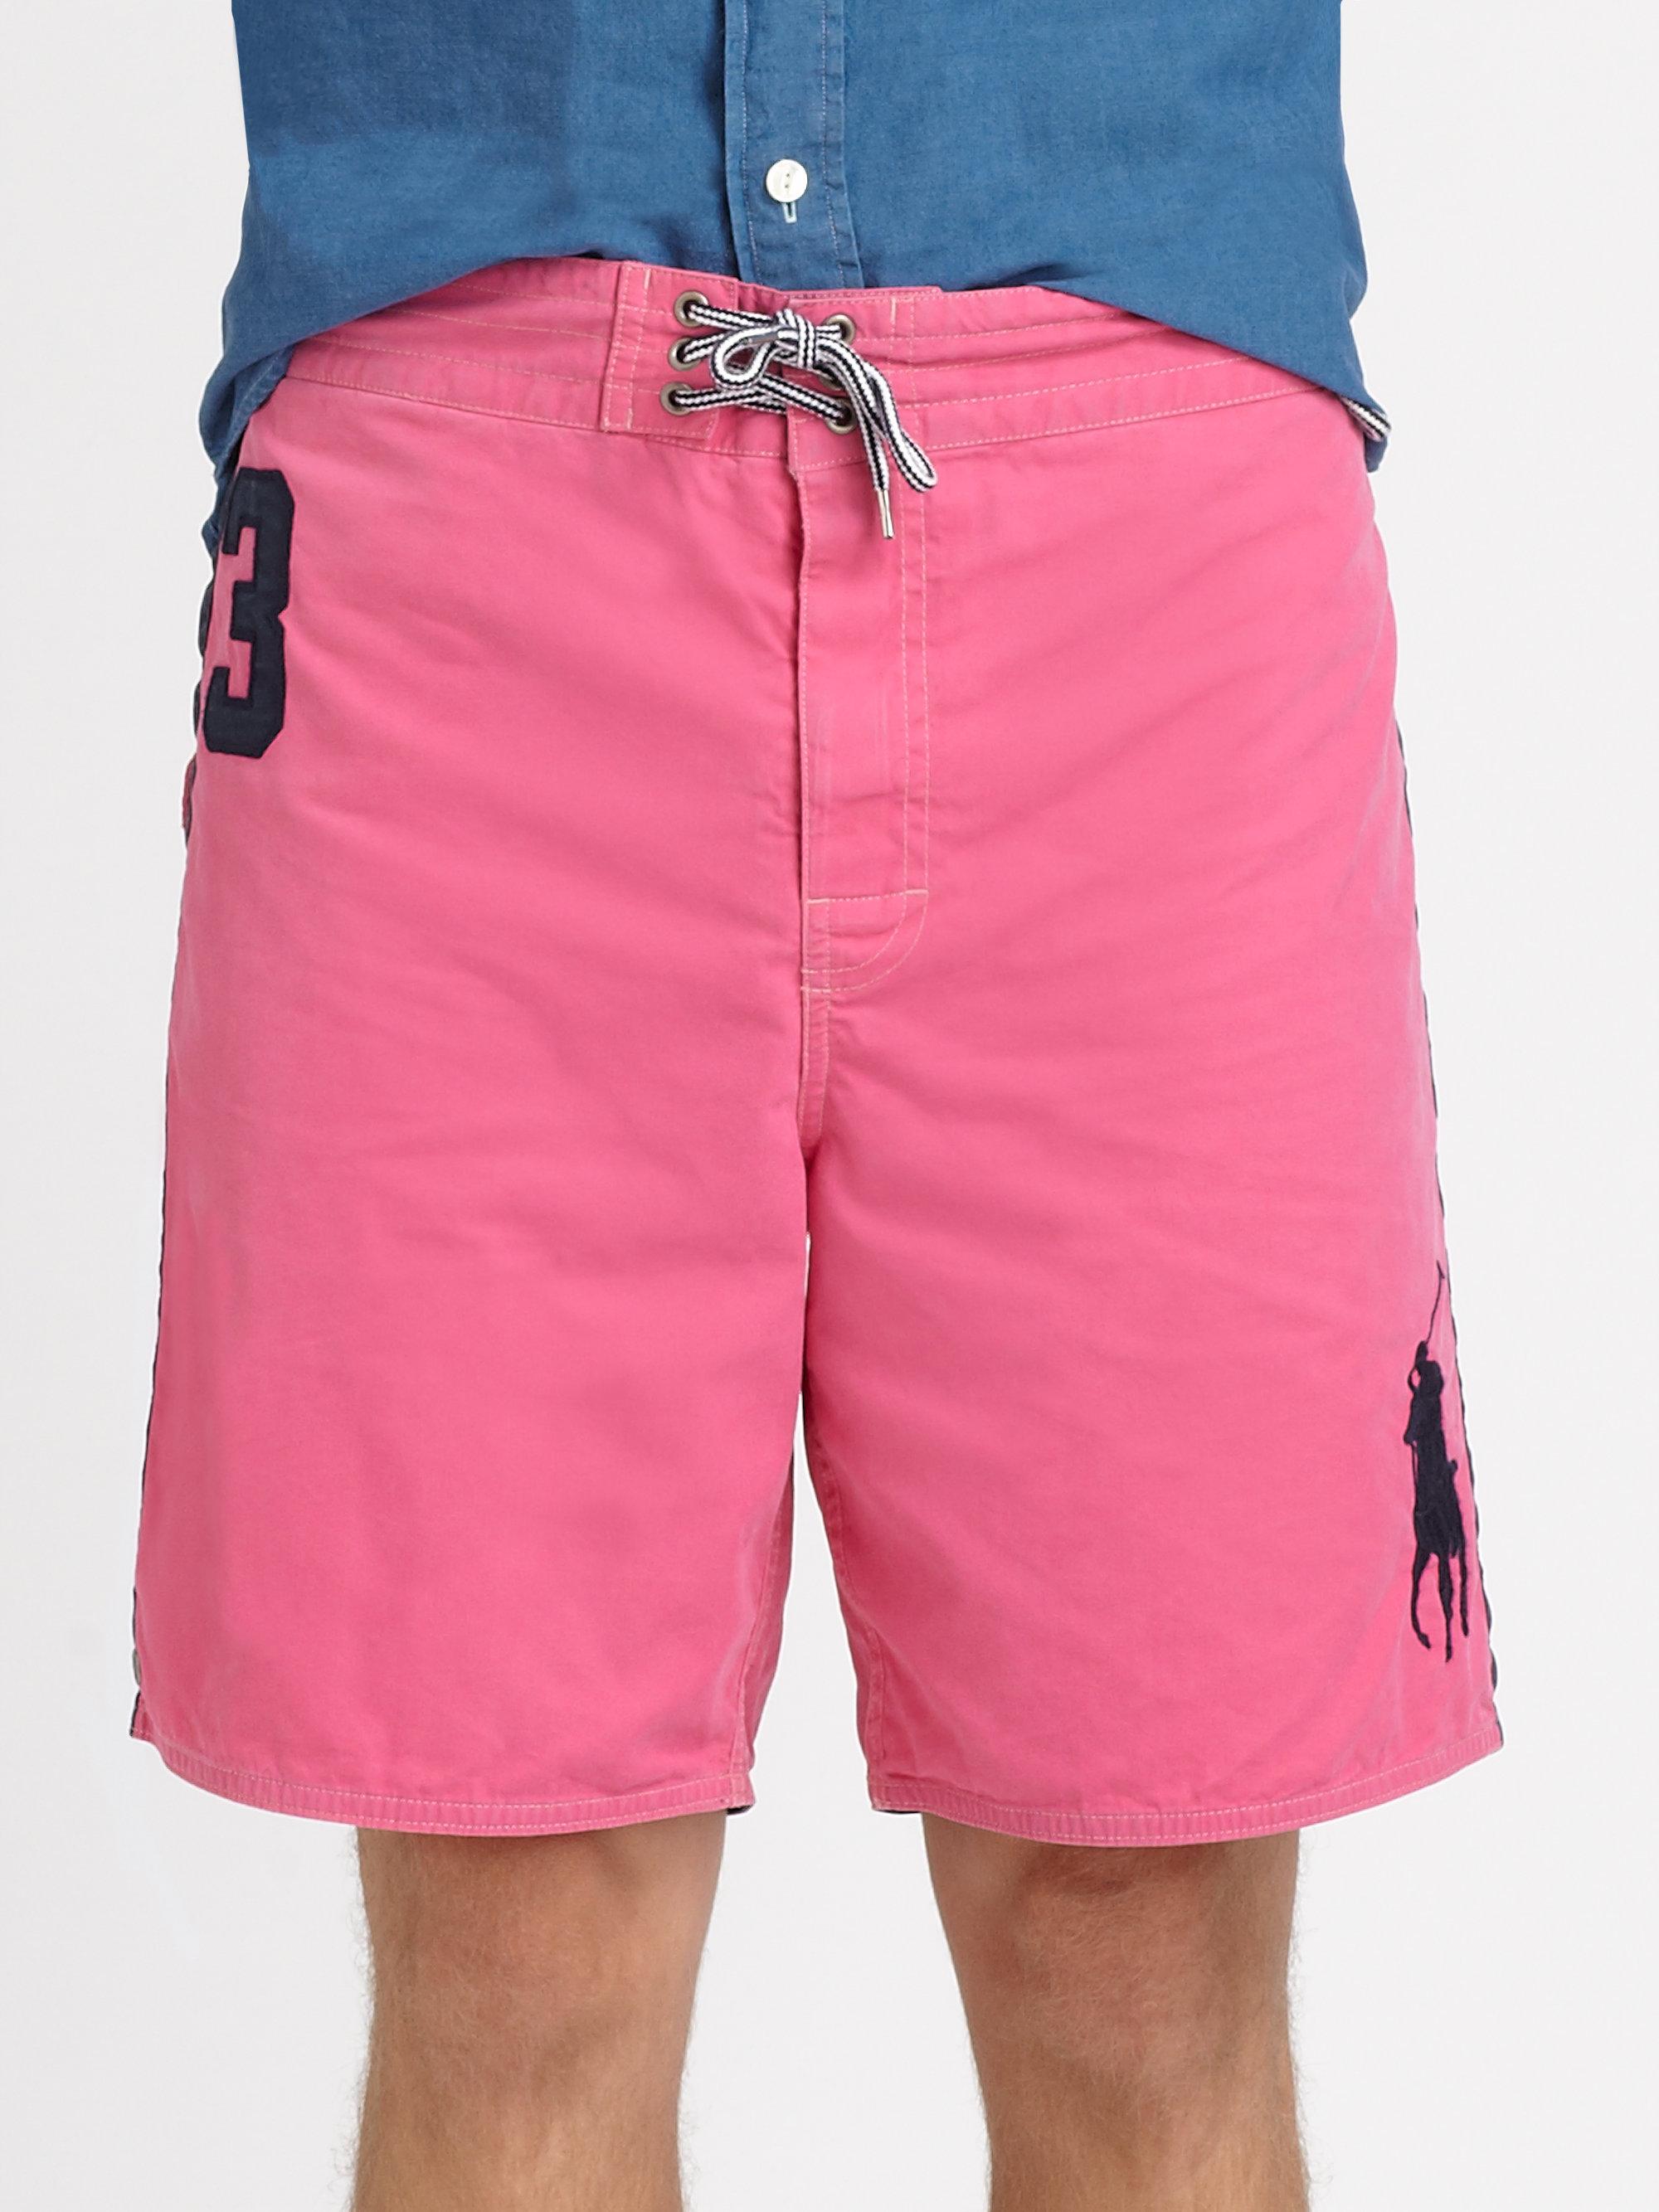 23f51b3573 ... discount code for lyst polo ralph lauren sanibel swim trunks in pink  for men 82cff 85644